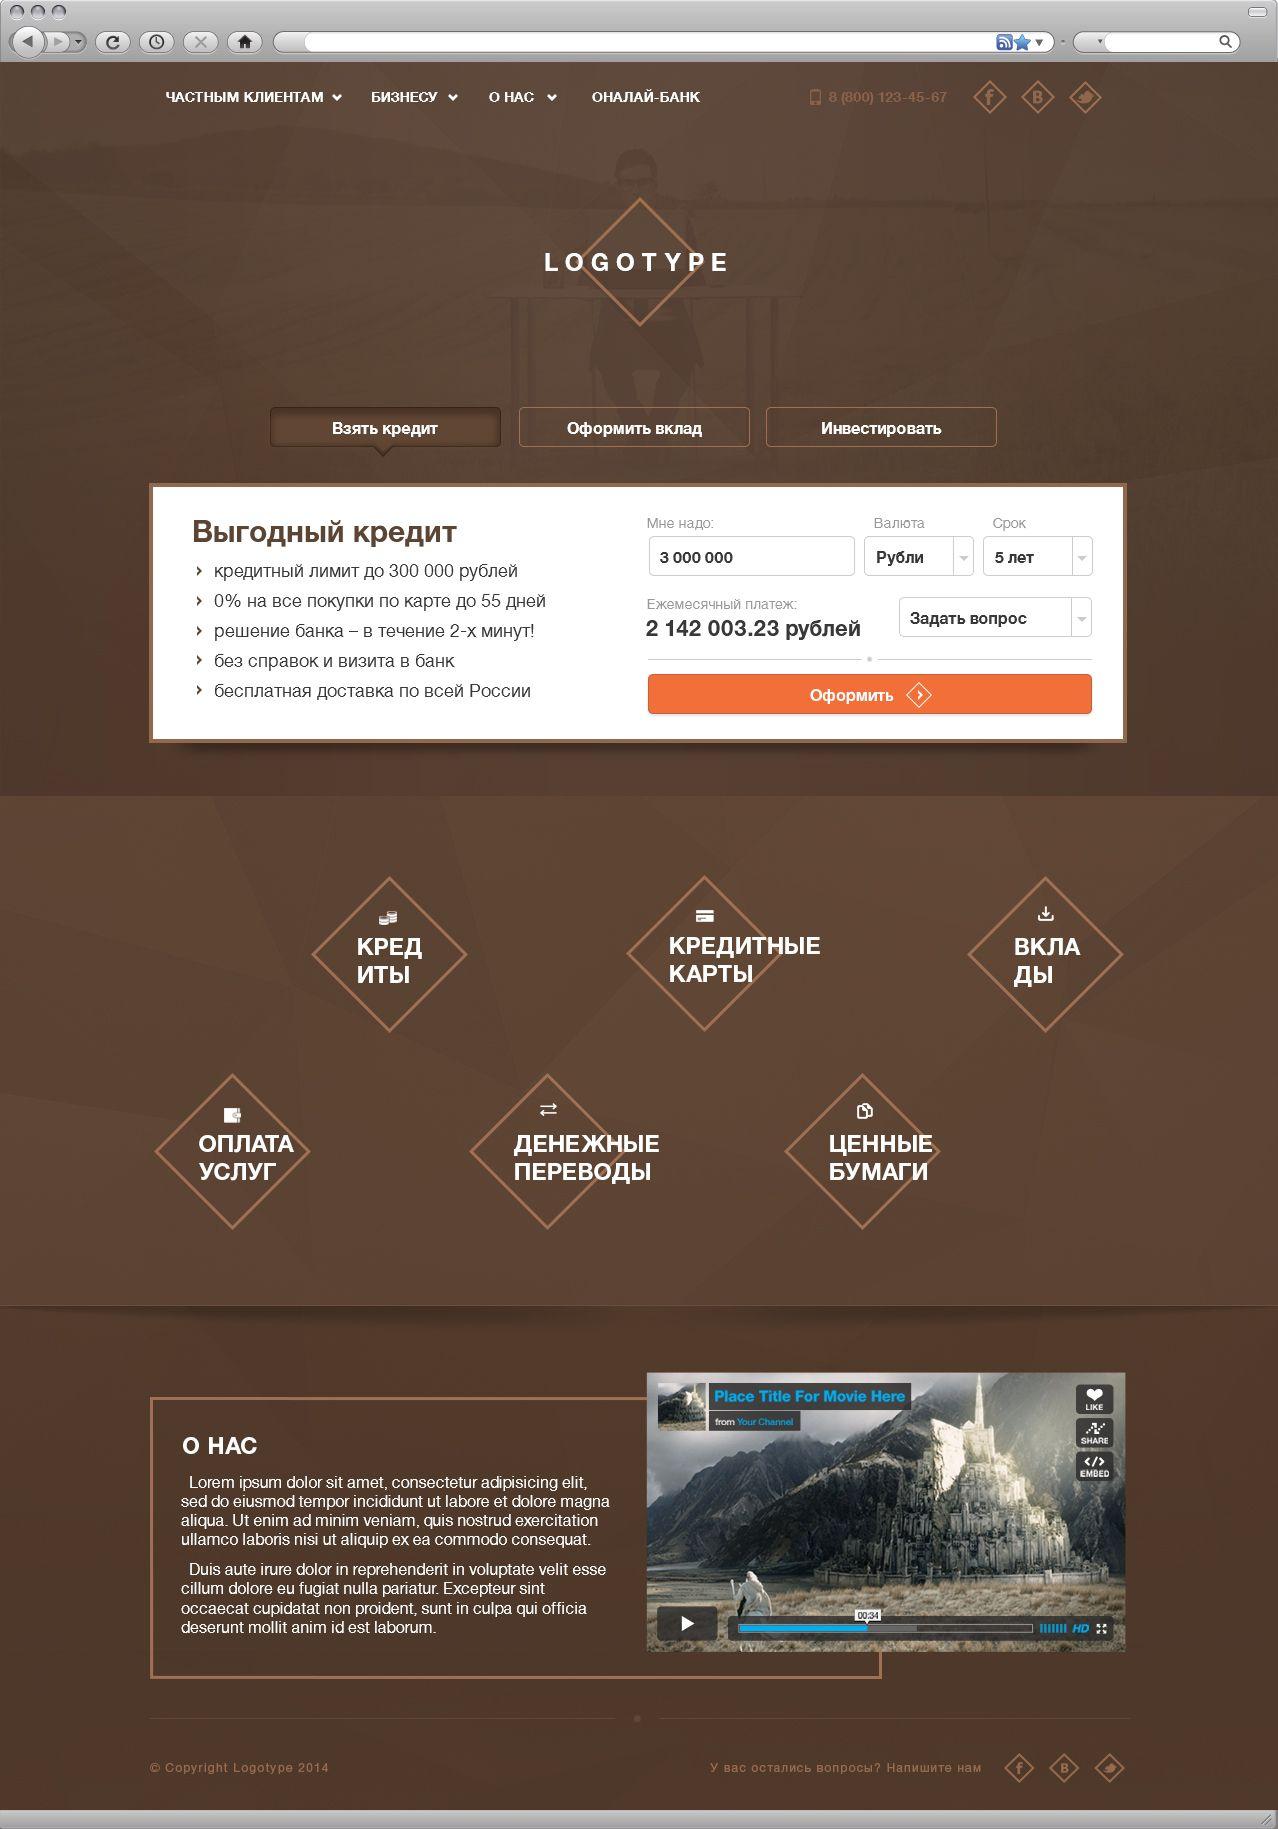 Креативный дизайн Главной страницы Банка - дизайнер Fenucs